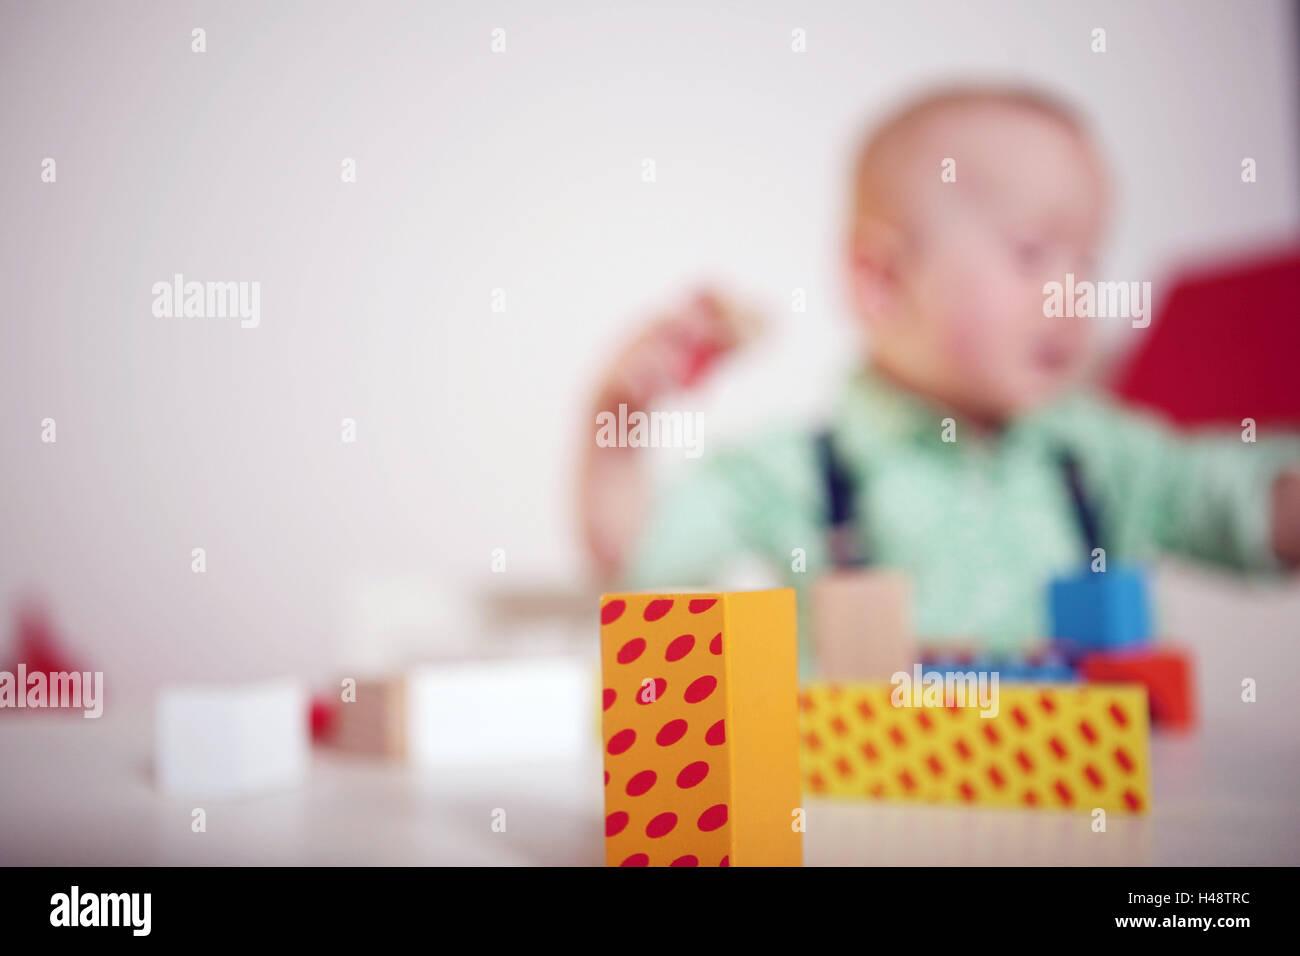 Fachwerk Bau Steinen Hintergrund Kind Junge Spielen Unscharfe